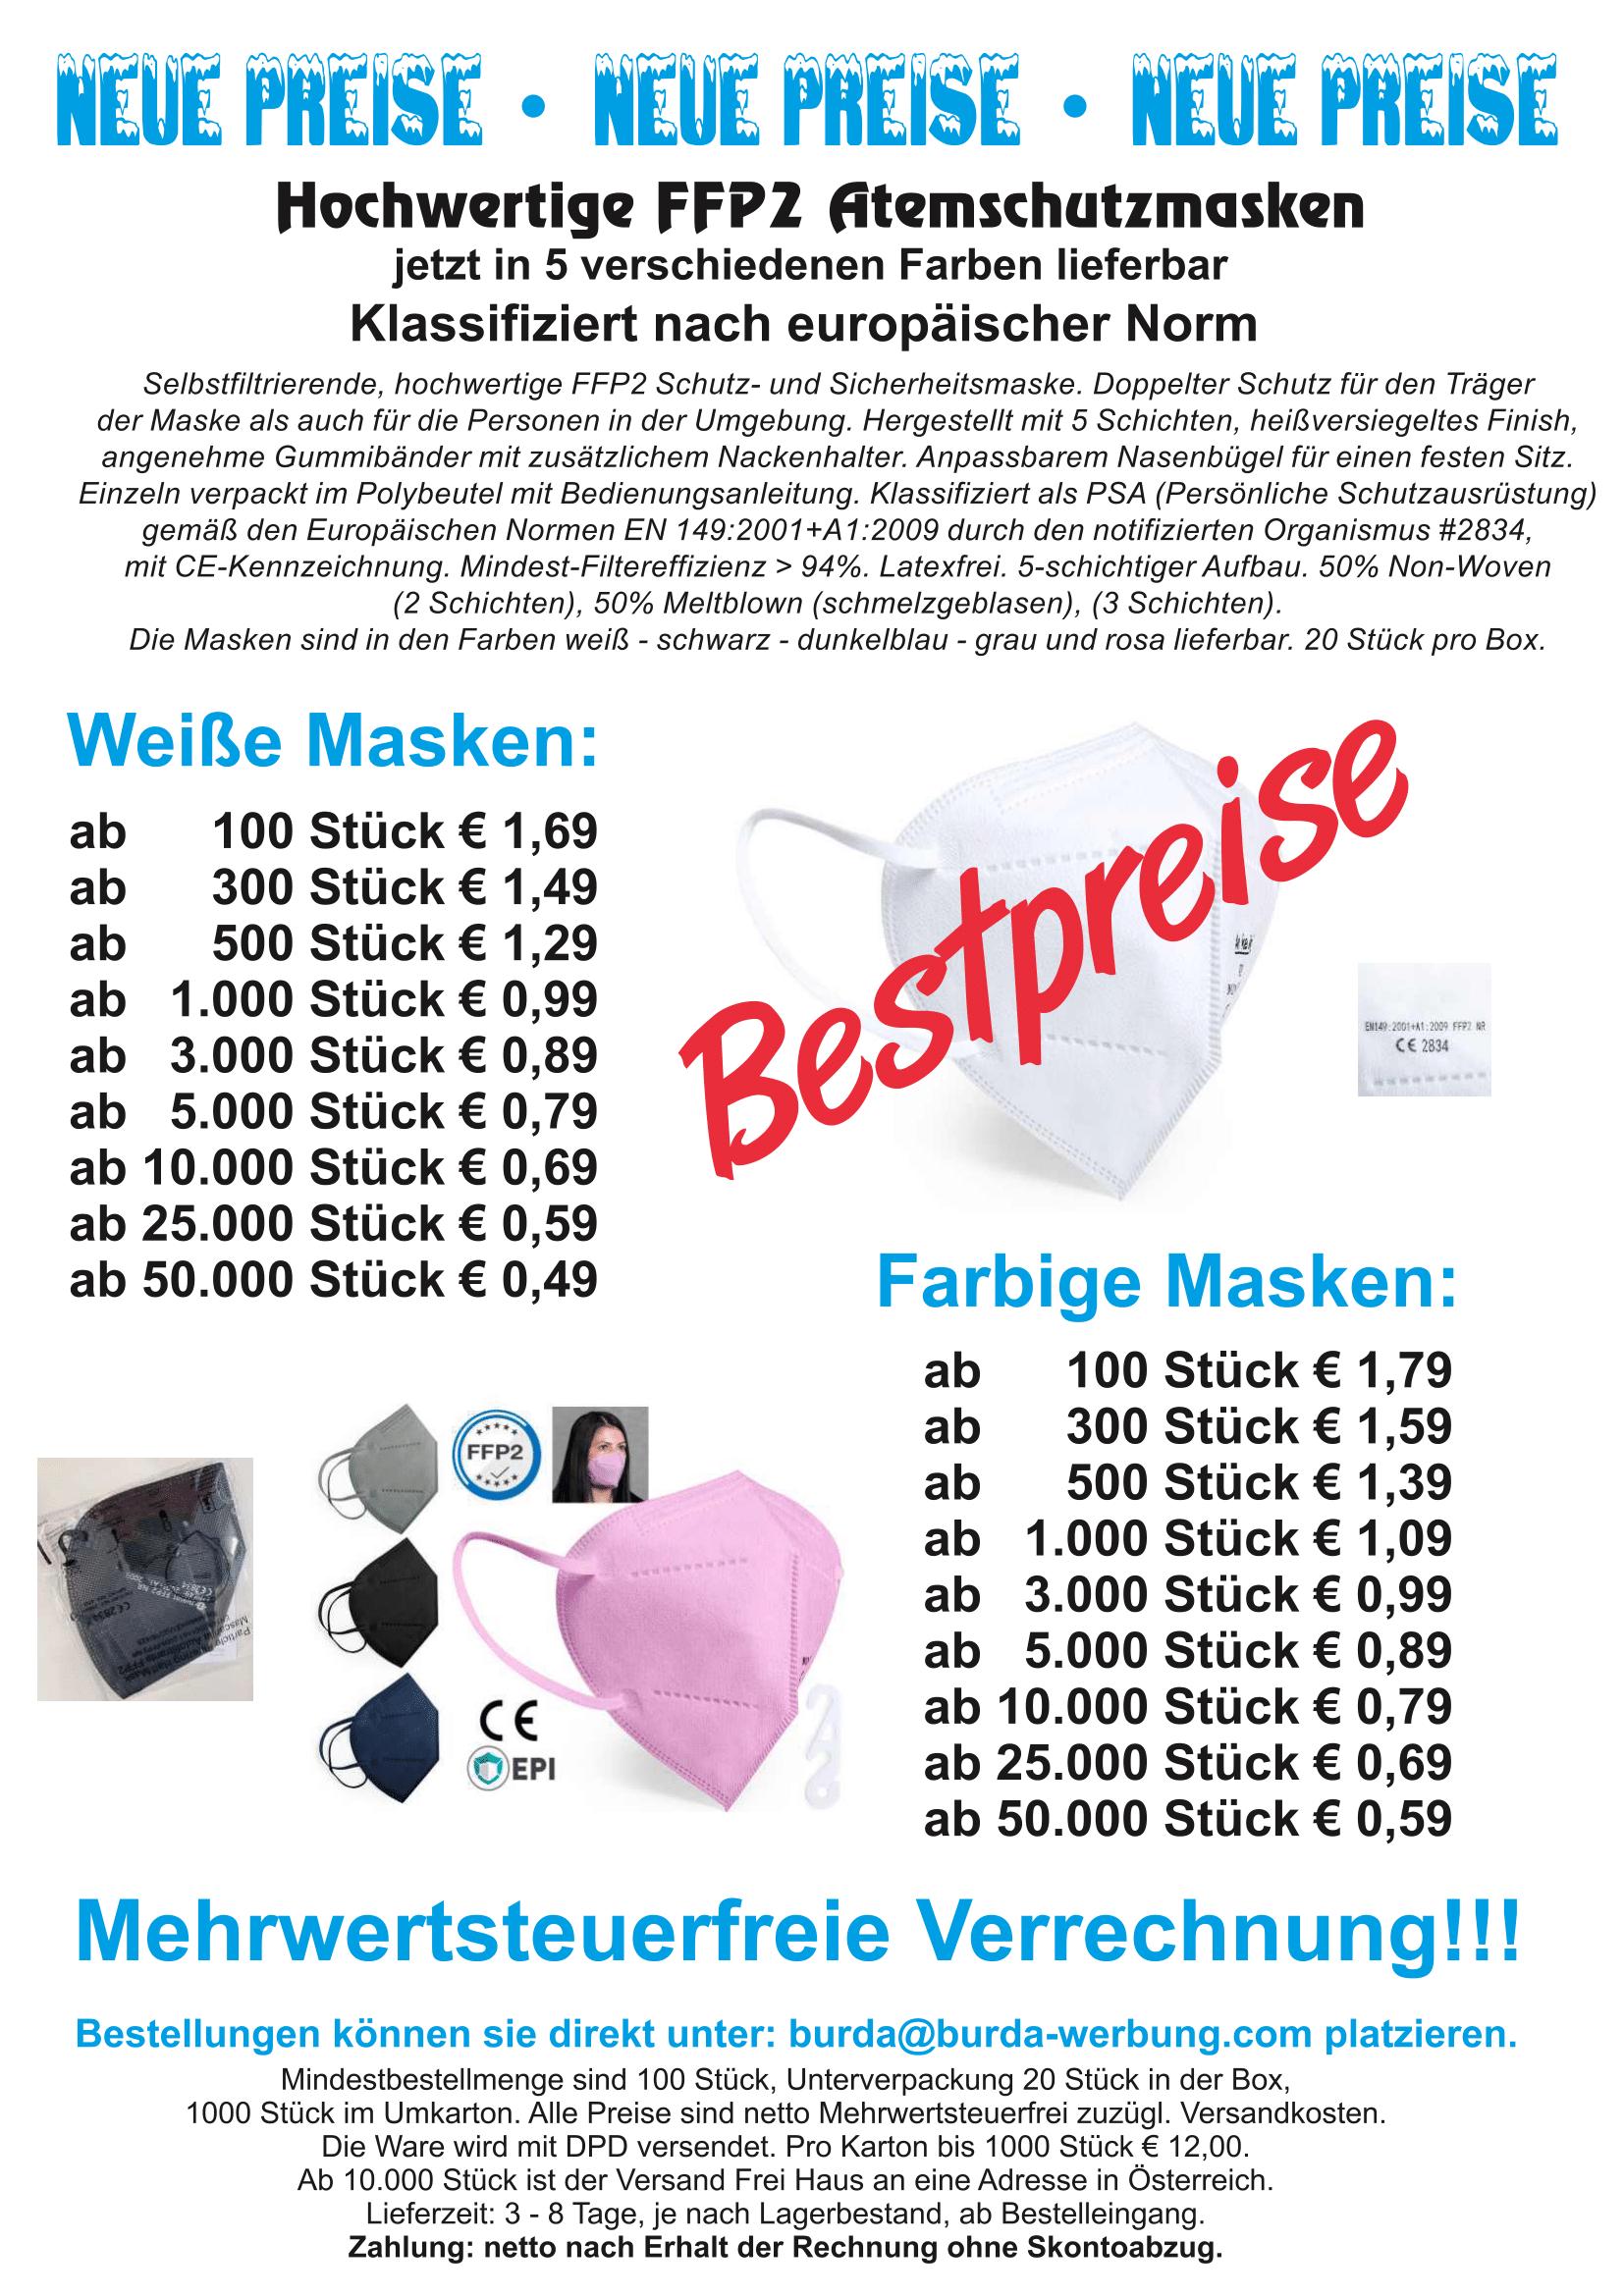 FFP2 Masken Aktion Neue Preise-1